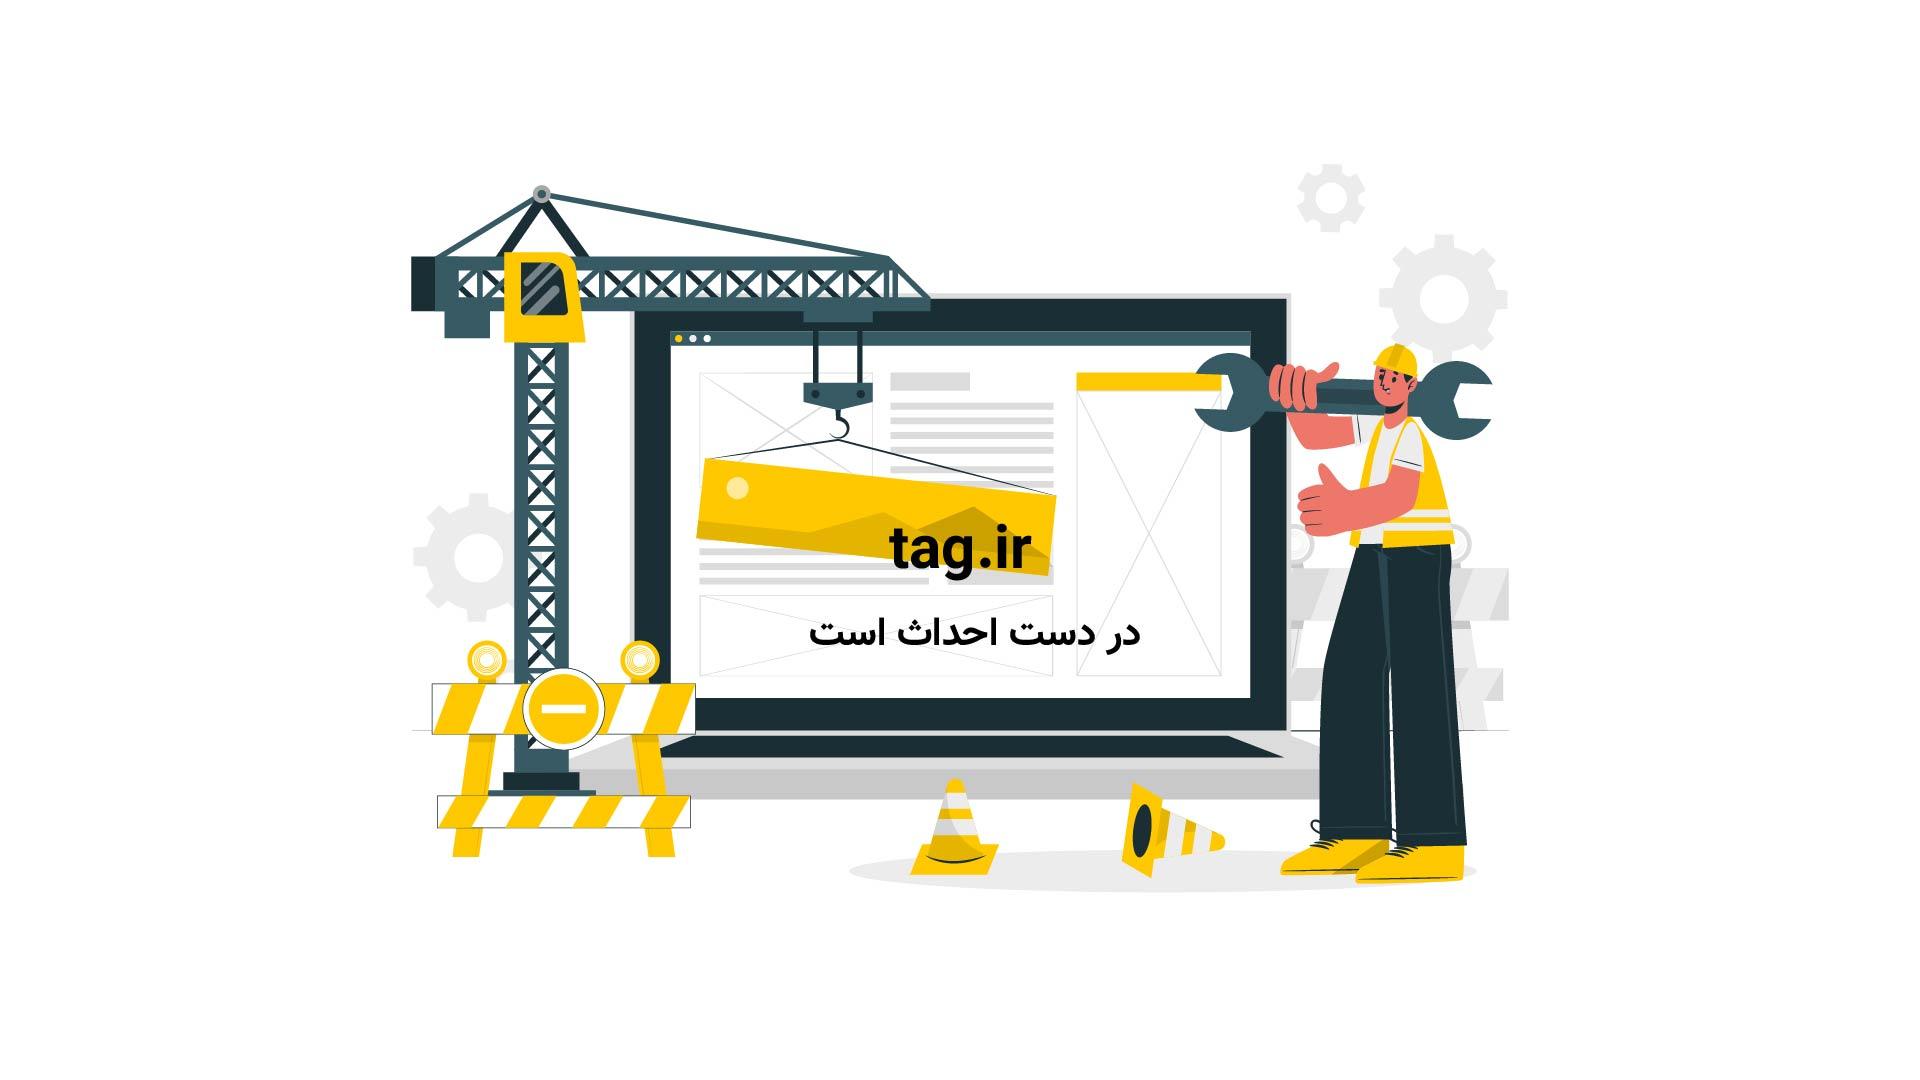 نخستین تیزر فیلم سینمایی سارا و آیدا | فیلم